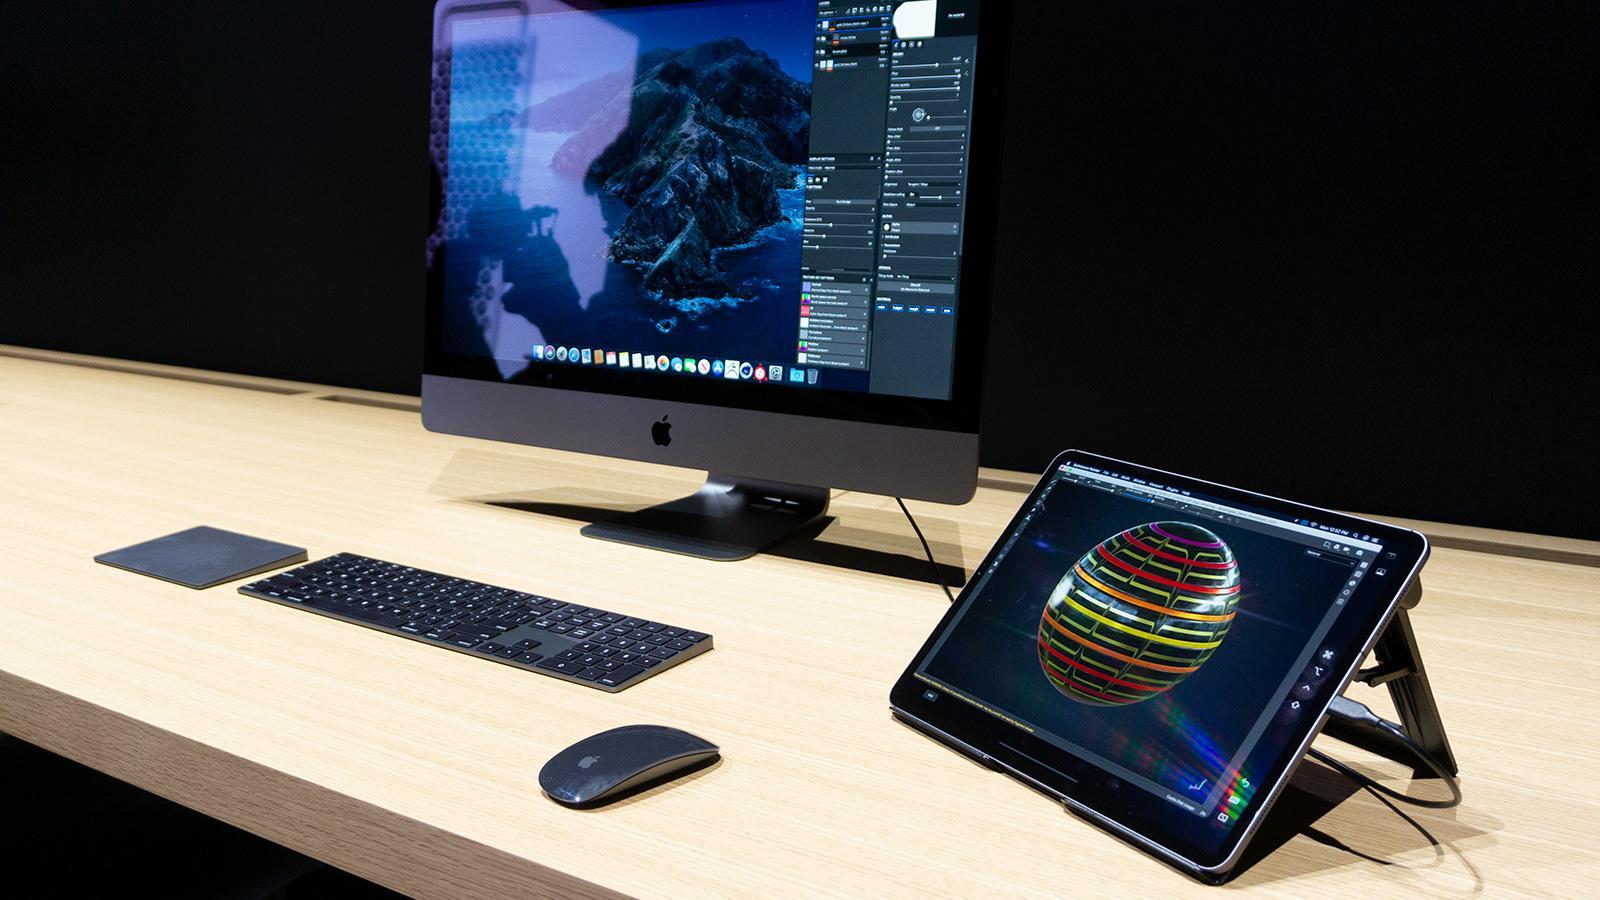 Как определить 32-разрядное или 64-разрядное программное обеспечение на Mac